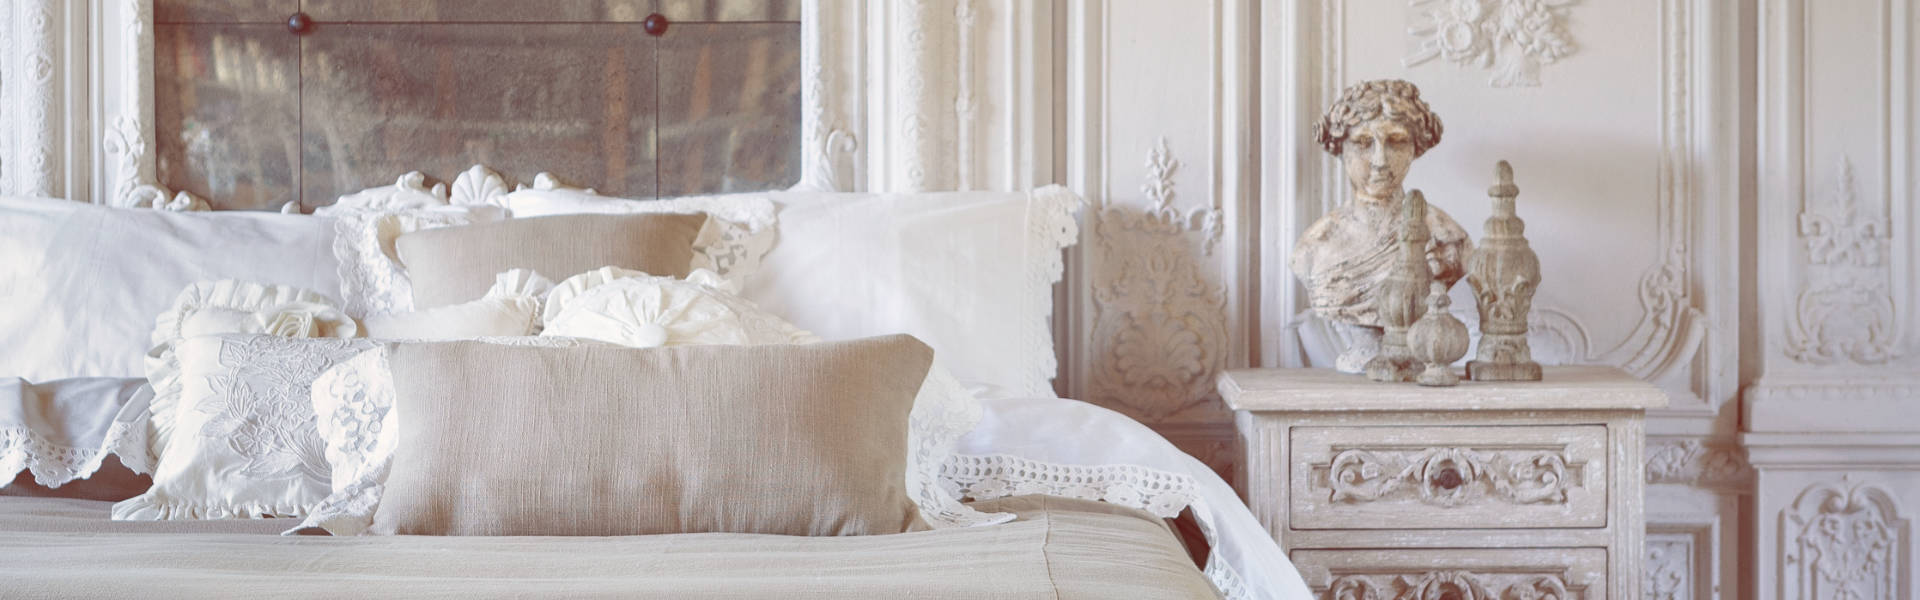 In seta satin raso, biancheria da letto motivo di fiori, argento grigio. The Maison Chic Pagani Country Shabby